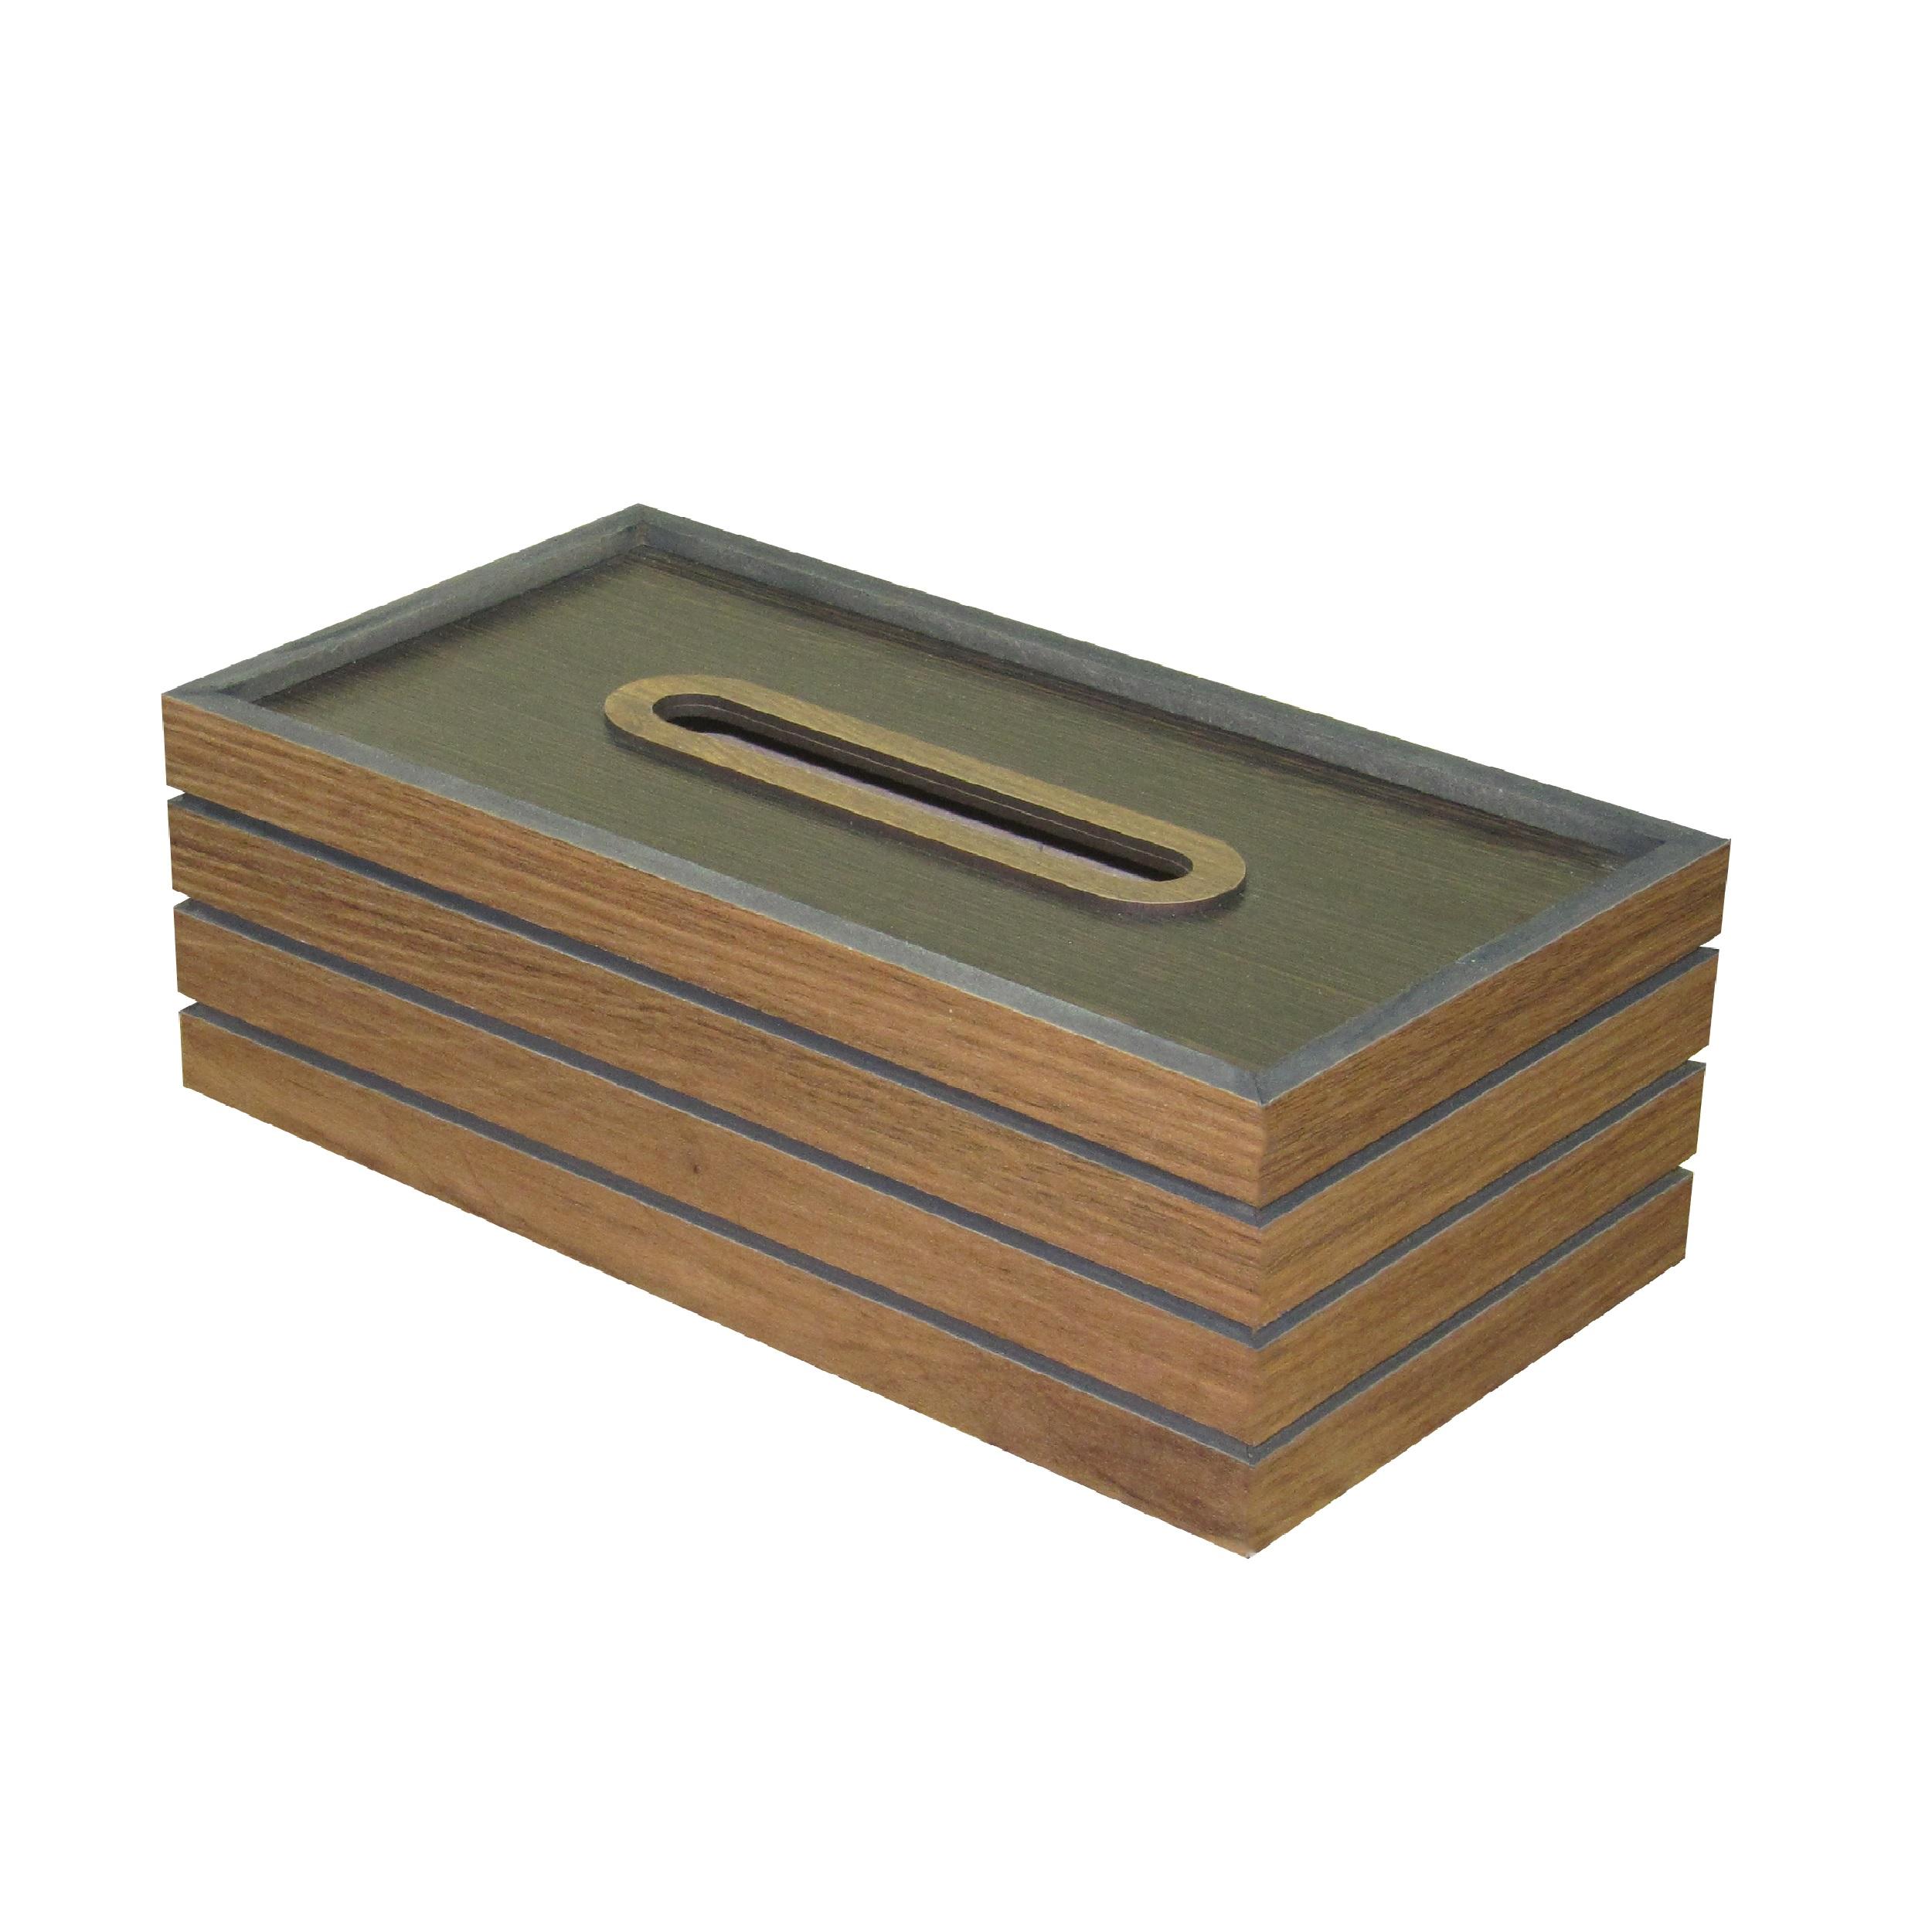 قیمت جعبه دستمال کاغذی کد DT-811